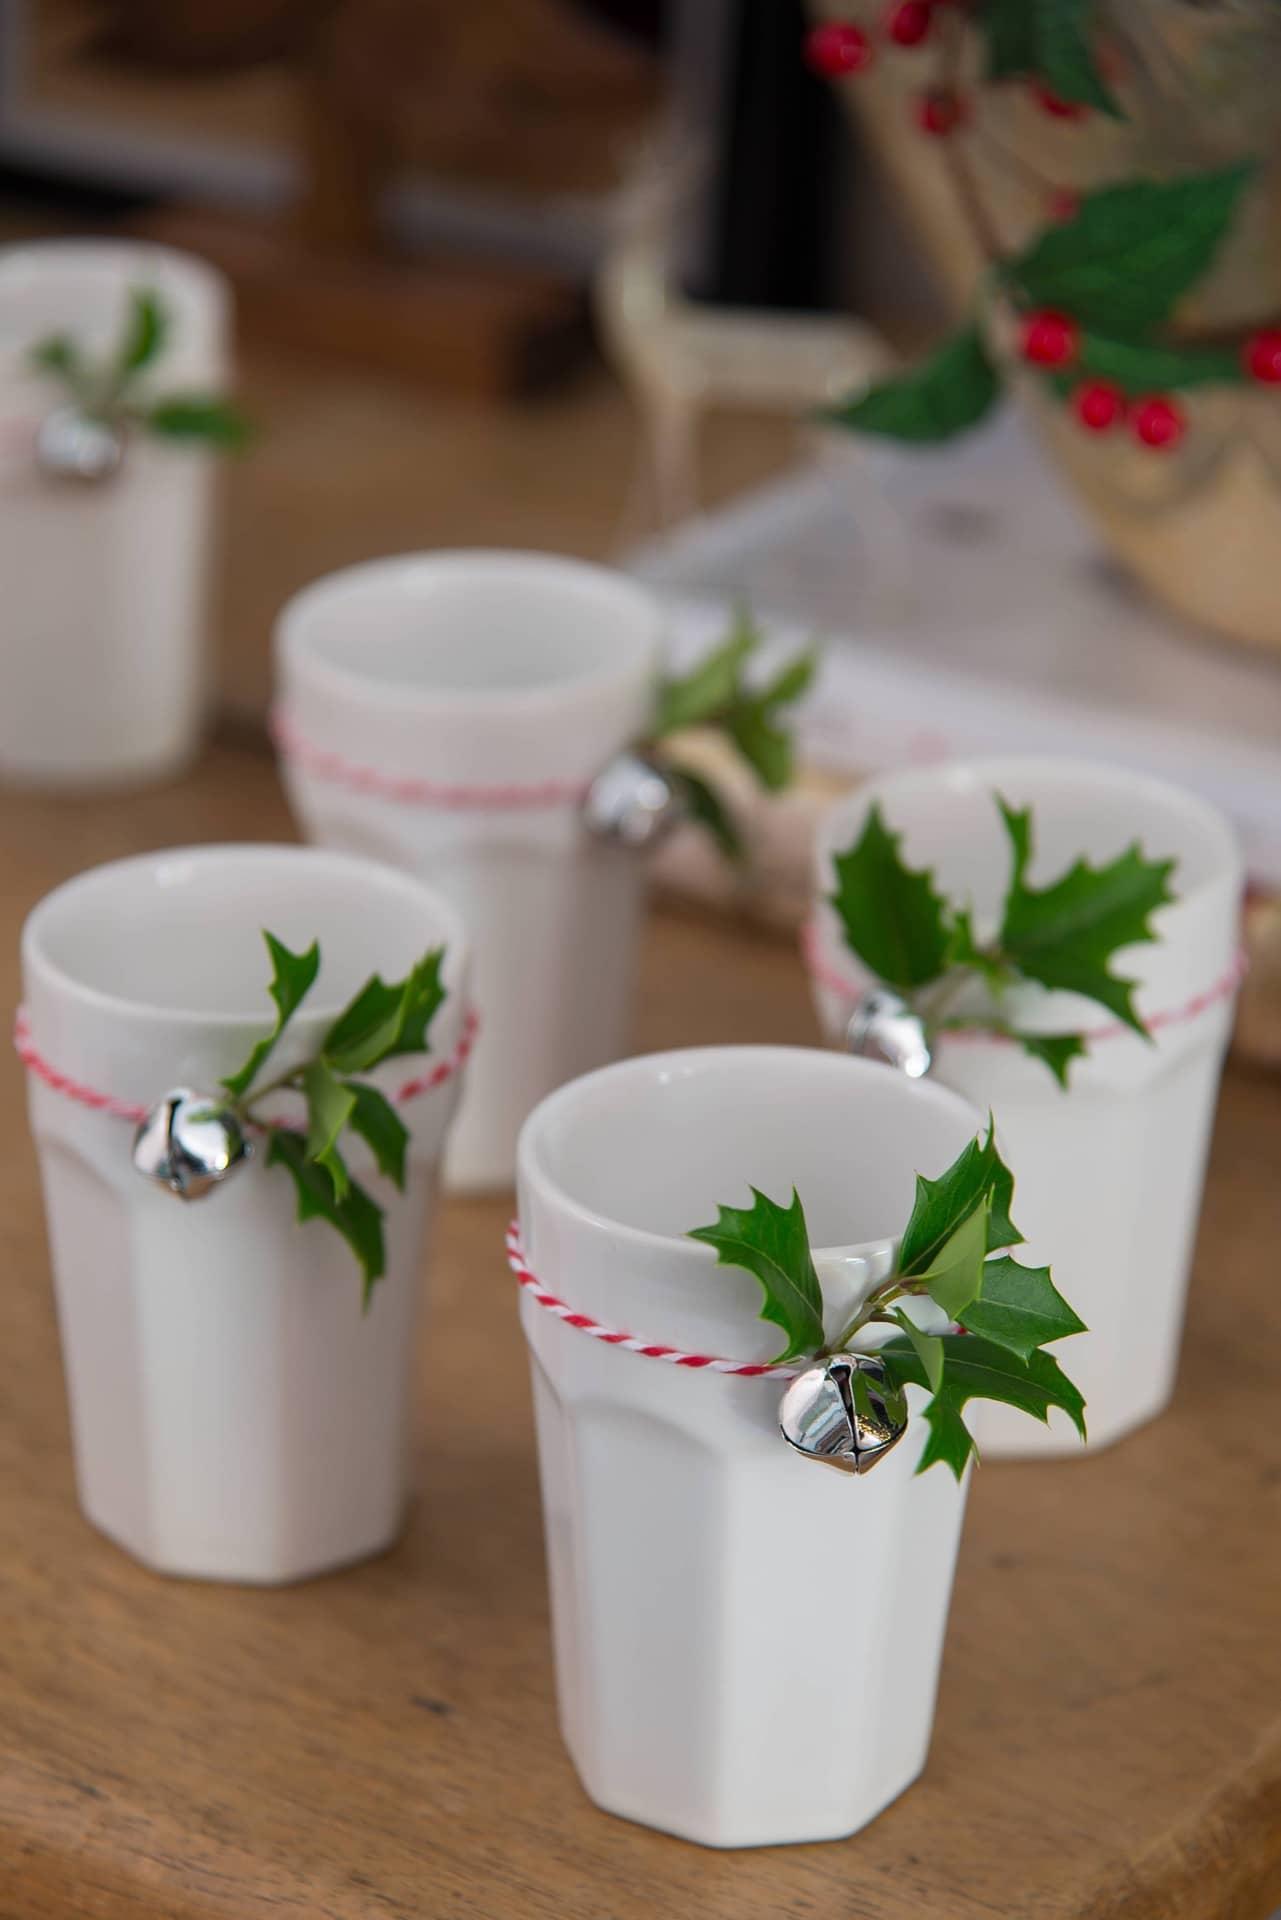 Imagem: Os copos de cerâmica ganham enfeites feitos com barbante bicolor, guizos e folhas de azevinho natural. Eles podem ficar num aparador ou mesinha lateral. Foto: Cacá Bratke.